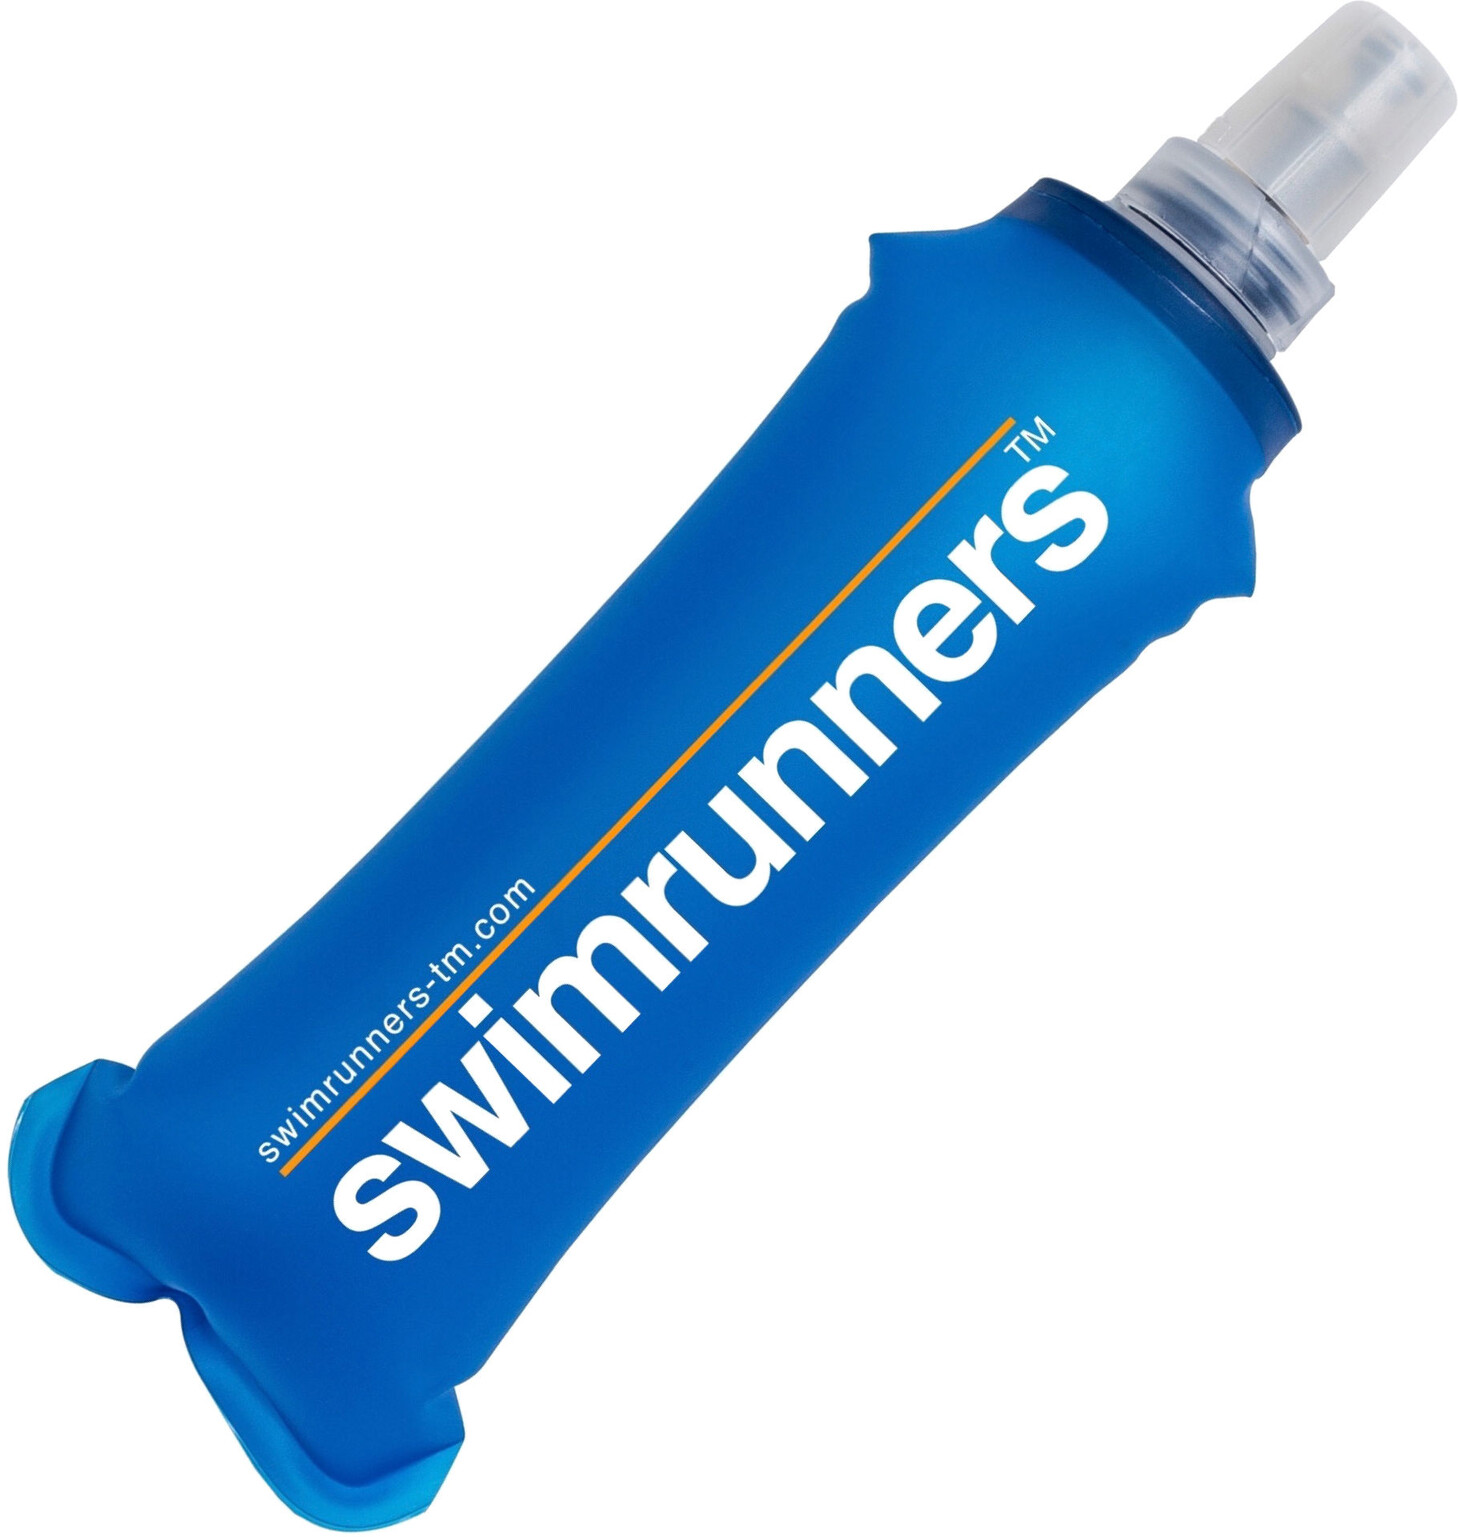 Swimrunners Soft Bottles 150ml, blue (2019)   Bottles